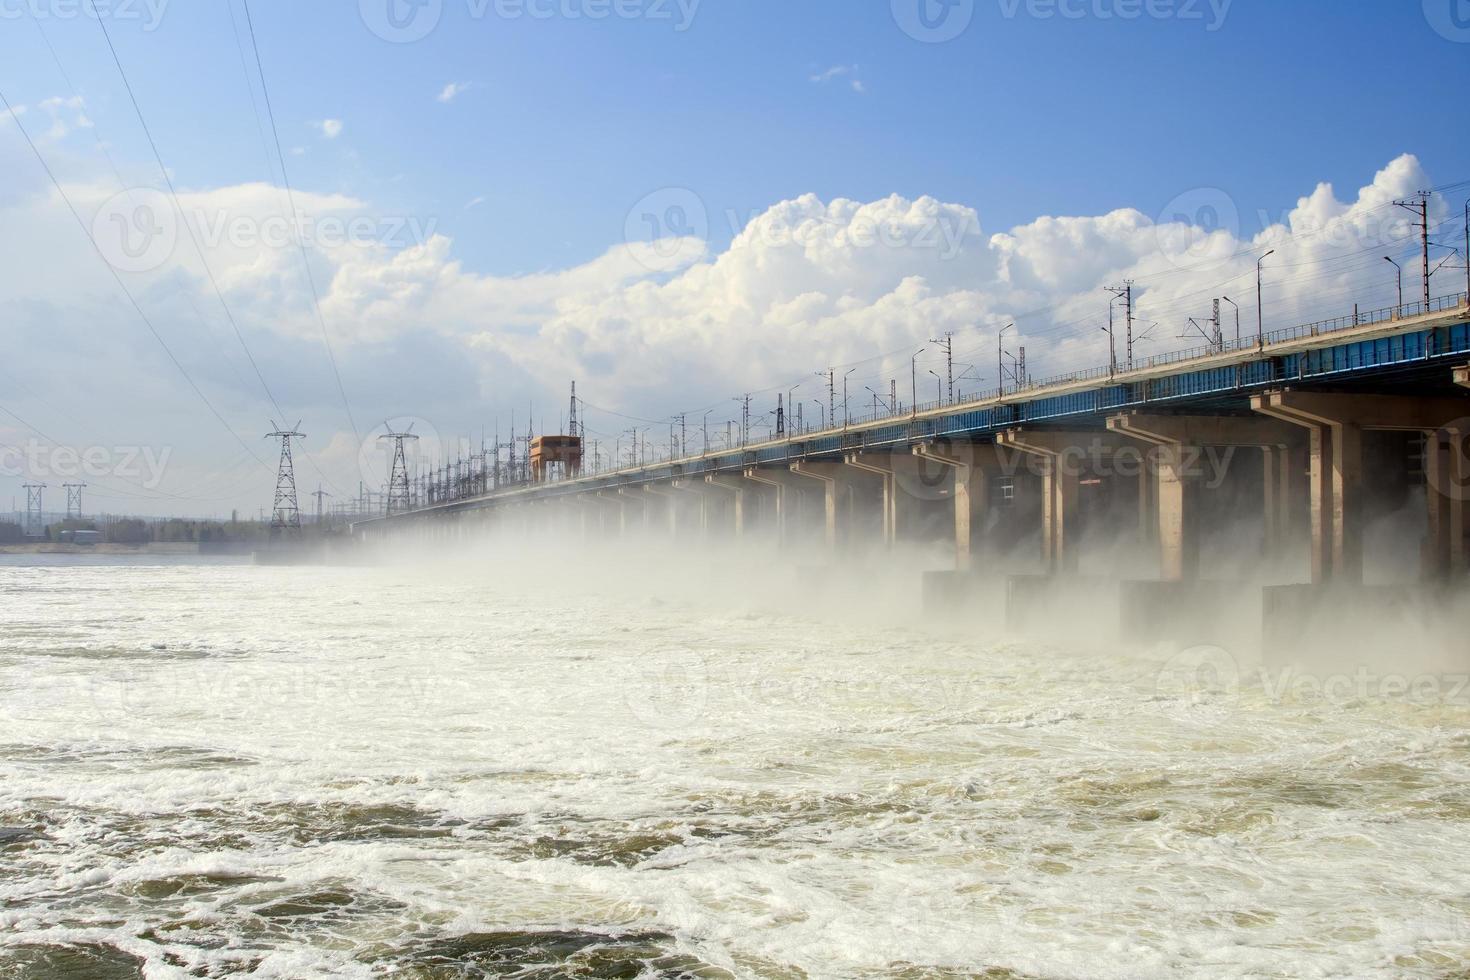 Wasserrückstellung im Wasserkraftwerk foto